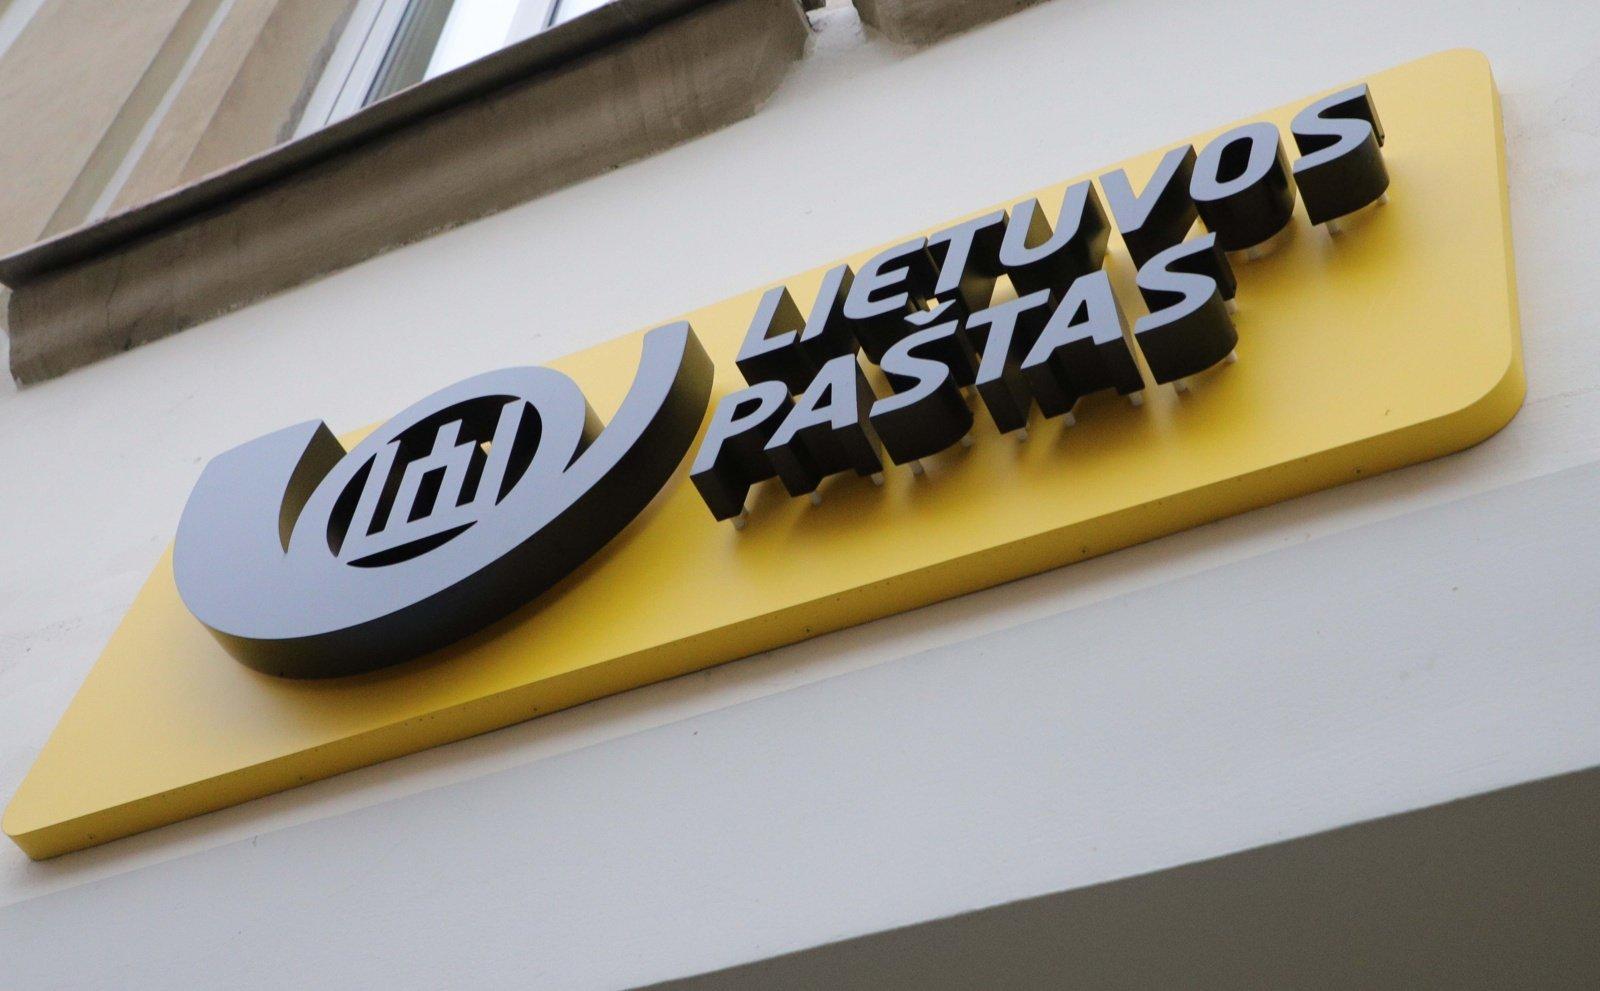 M. Skuodis: Lietuvos paštas situaciją dėl siuntų skirstymo stabilizavo, bet visų suinteresuotų pusių lūkesčiai dar nėra patenkinti